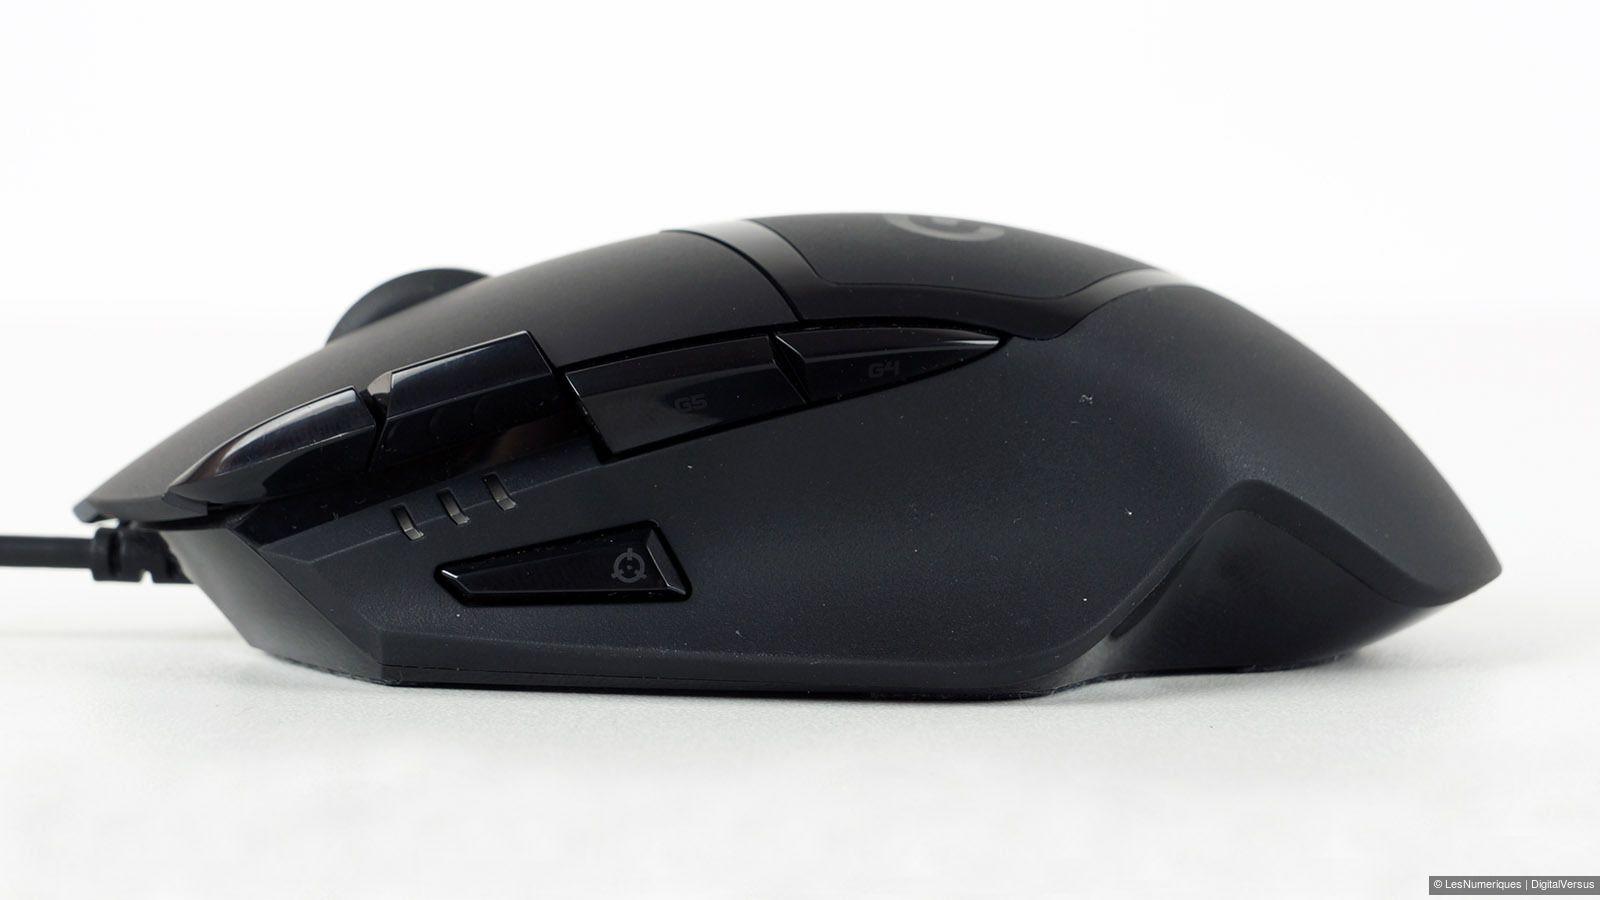 Logitech G402 Hyperion Fury Test Prix Et Fiche Technique Souris